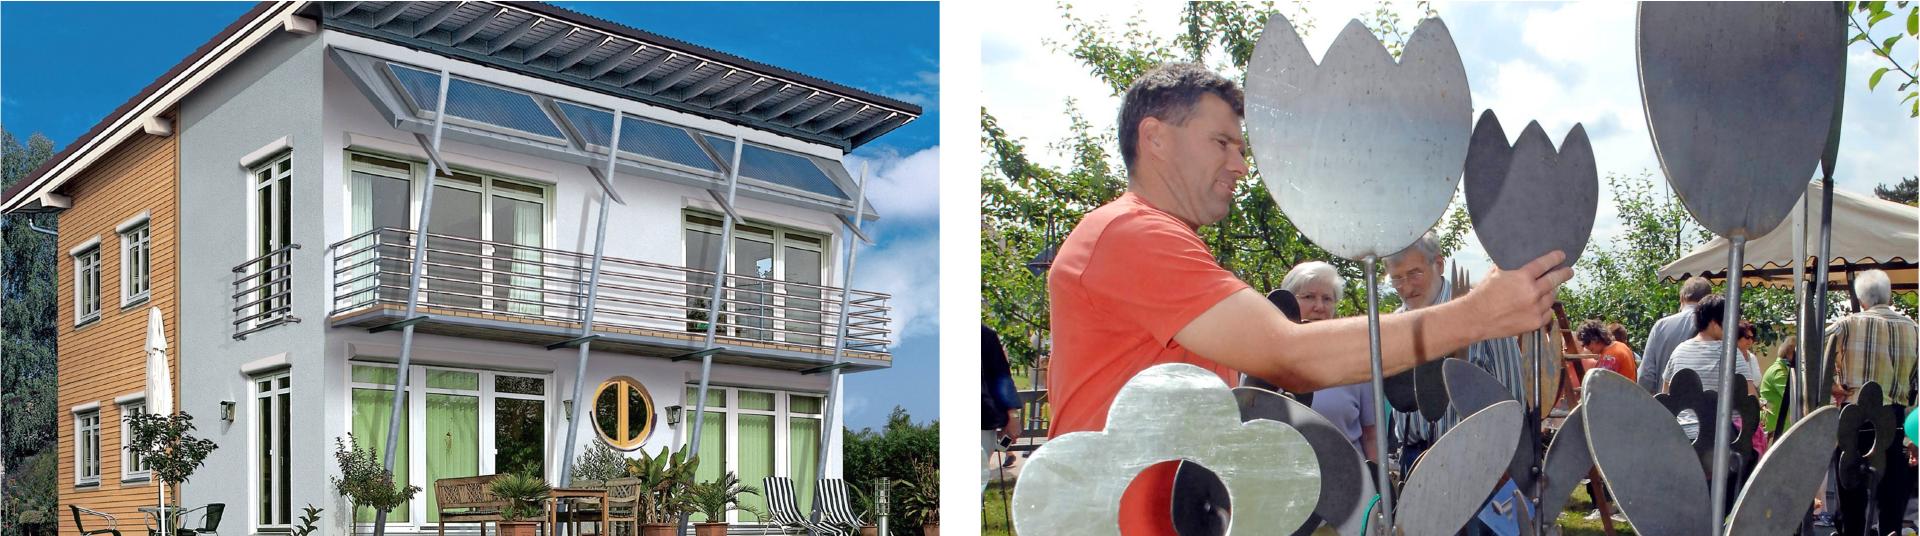 Vom Balkongeländer bis zum Dach: Die Bandbreite der Metallgestaltung rund ums Haus ist riesig. Auch Kunstwerke stellen die Metallbauer her. Fotos: dpa